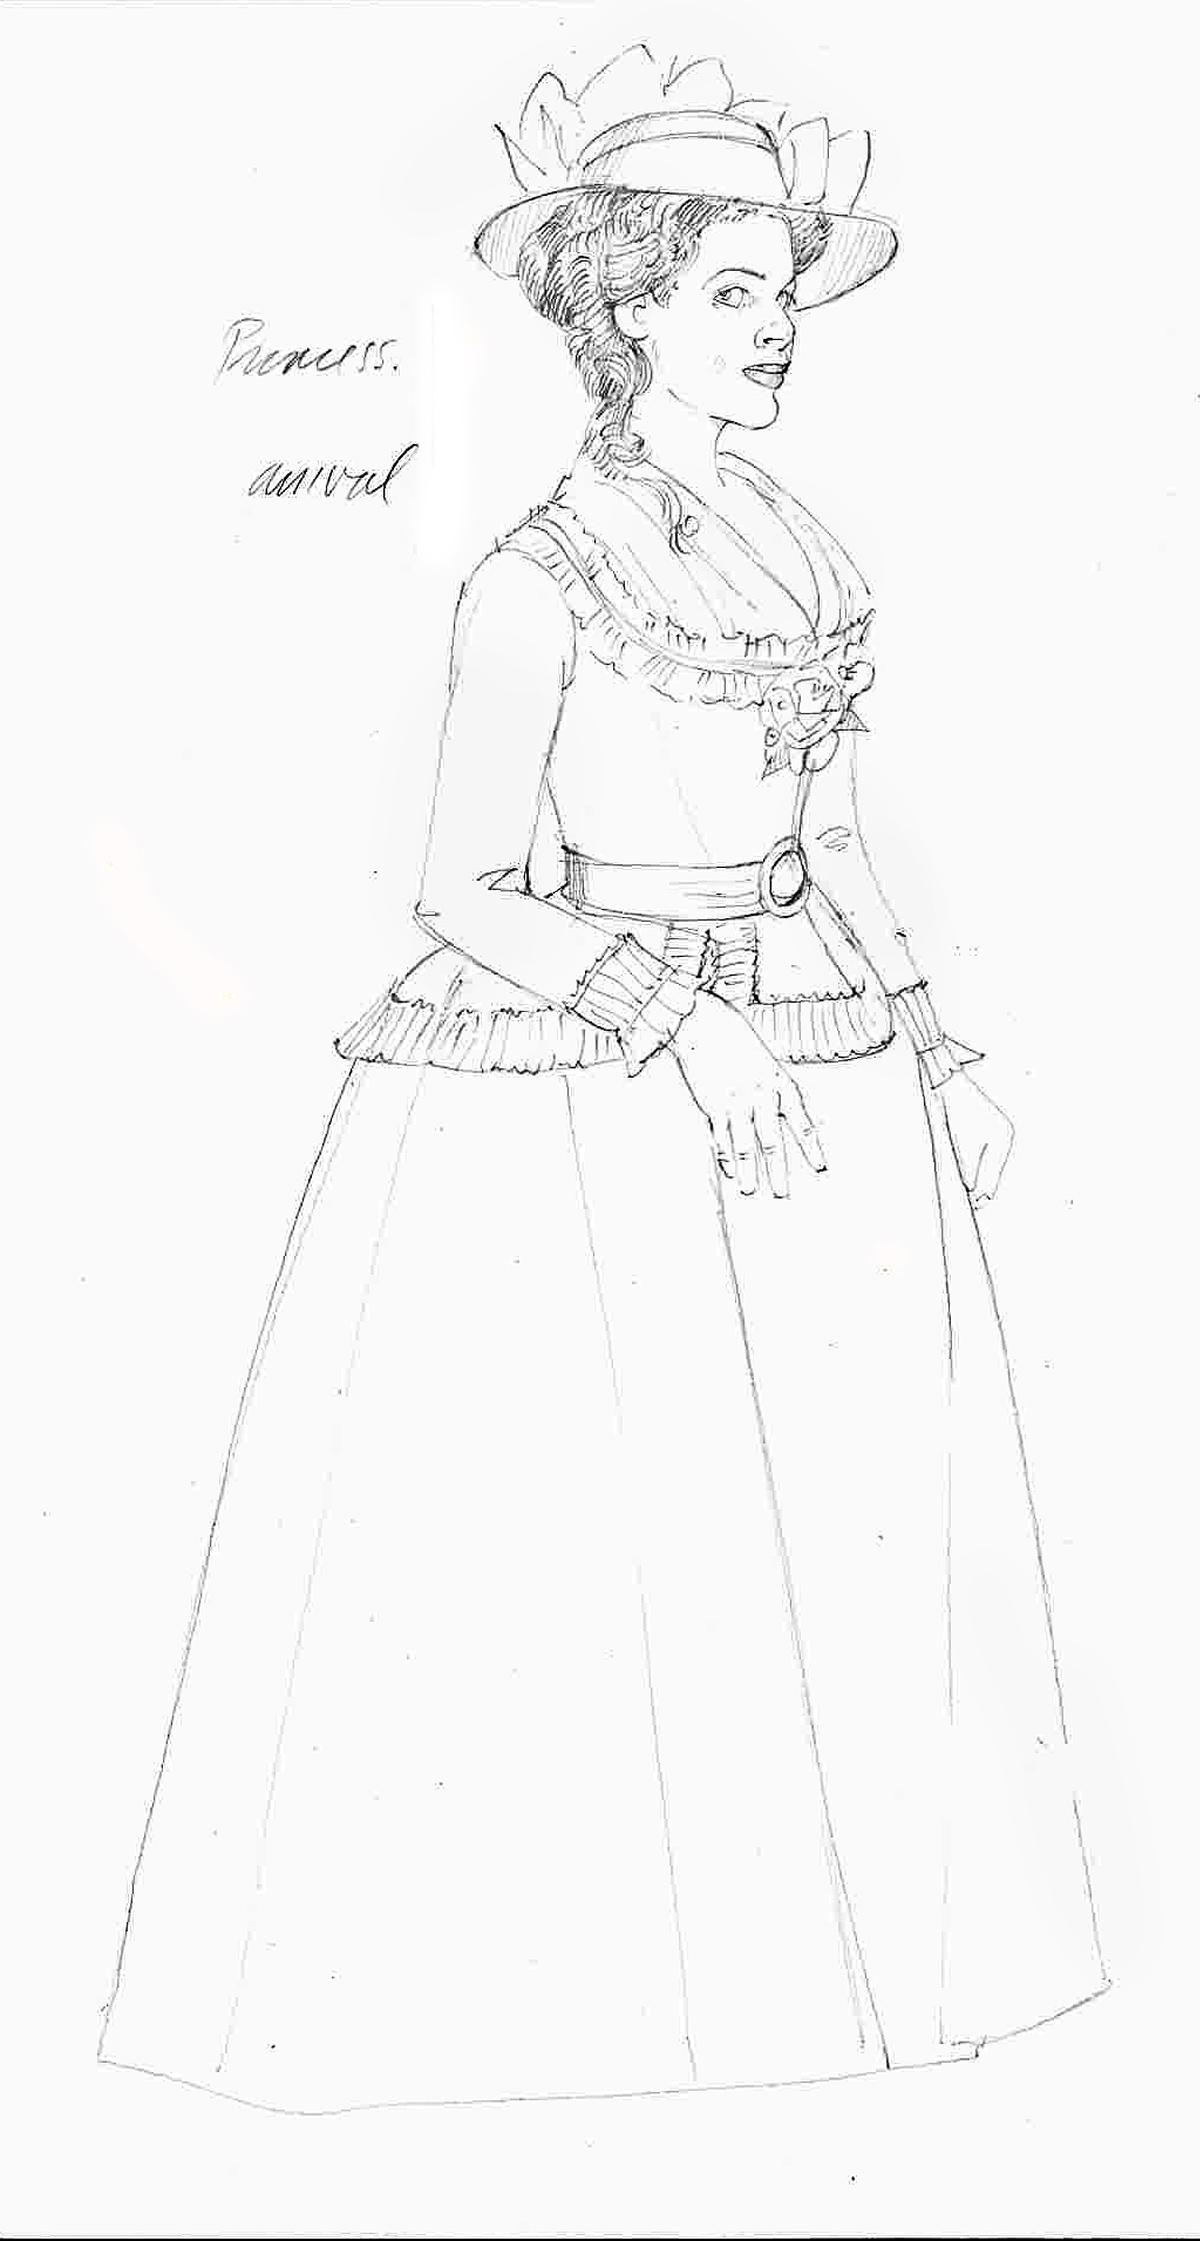 LLL10-Princess-arrival